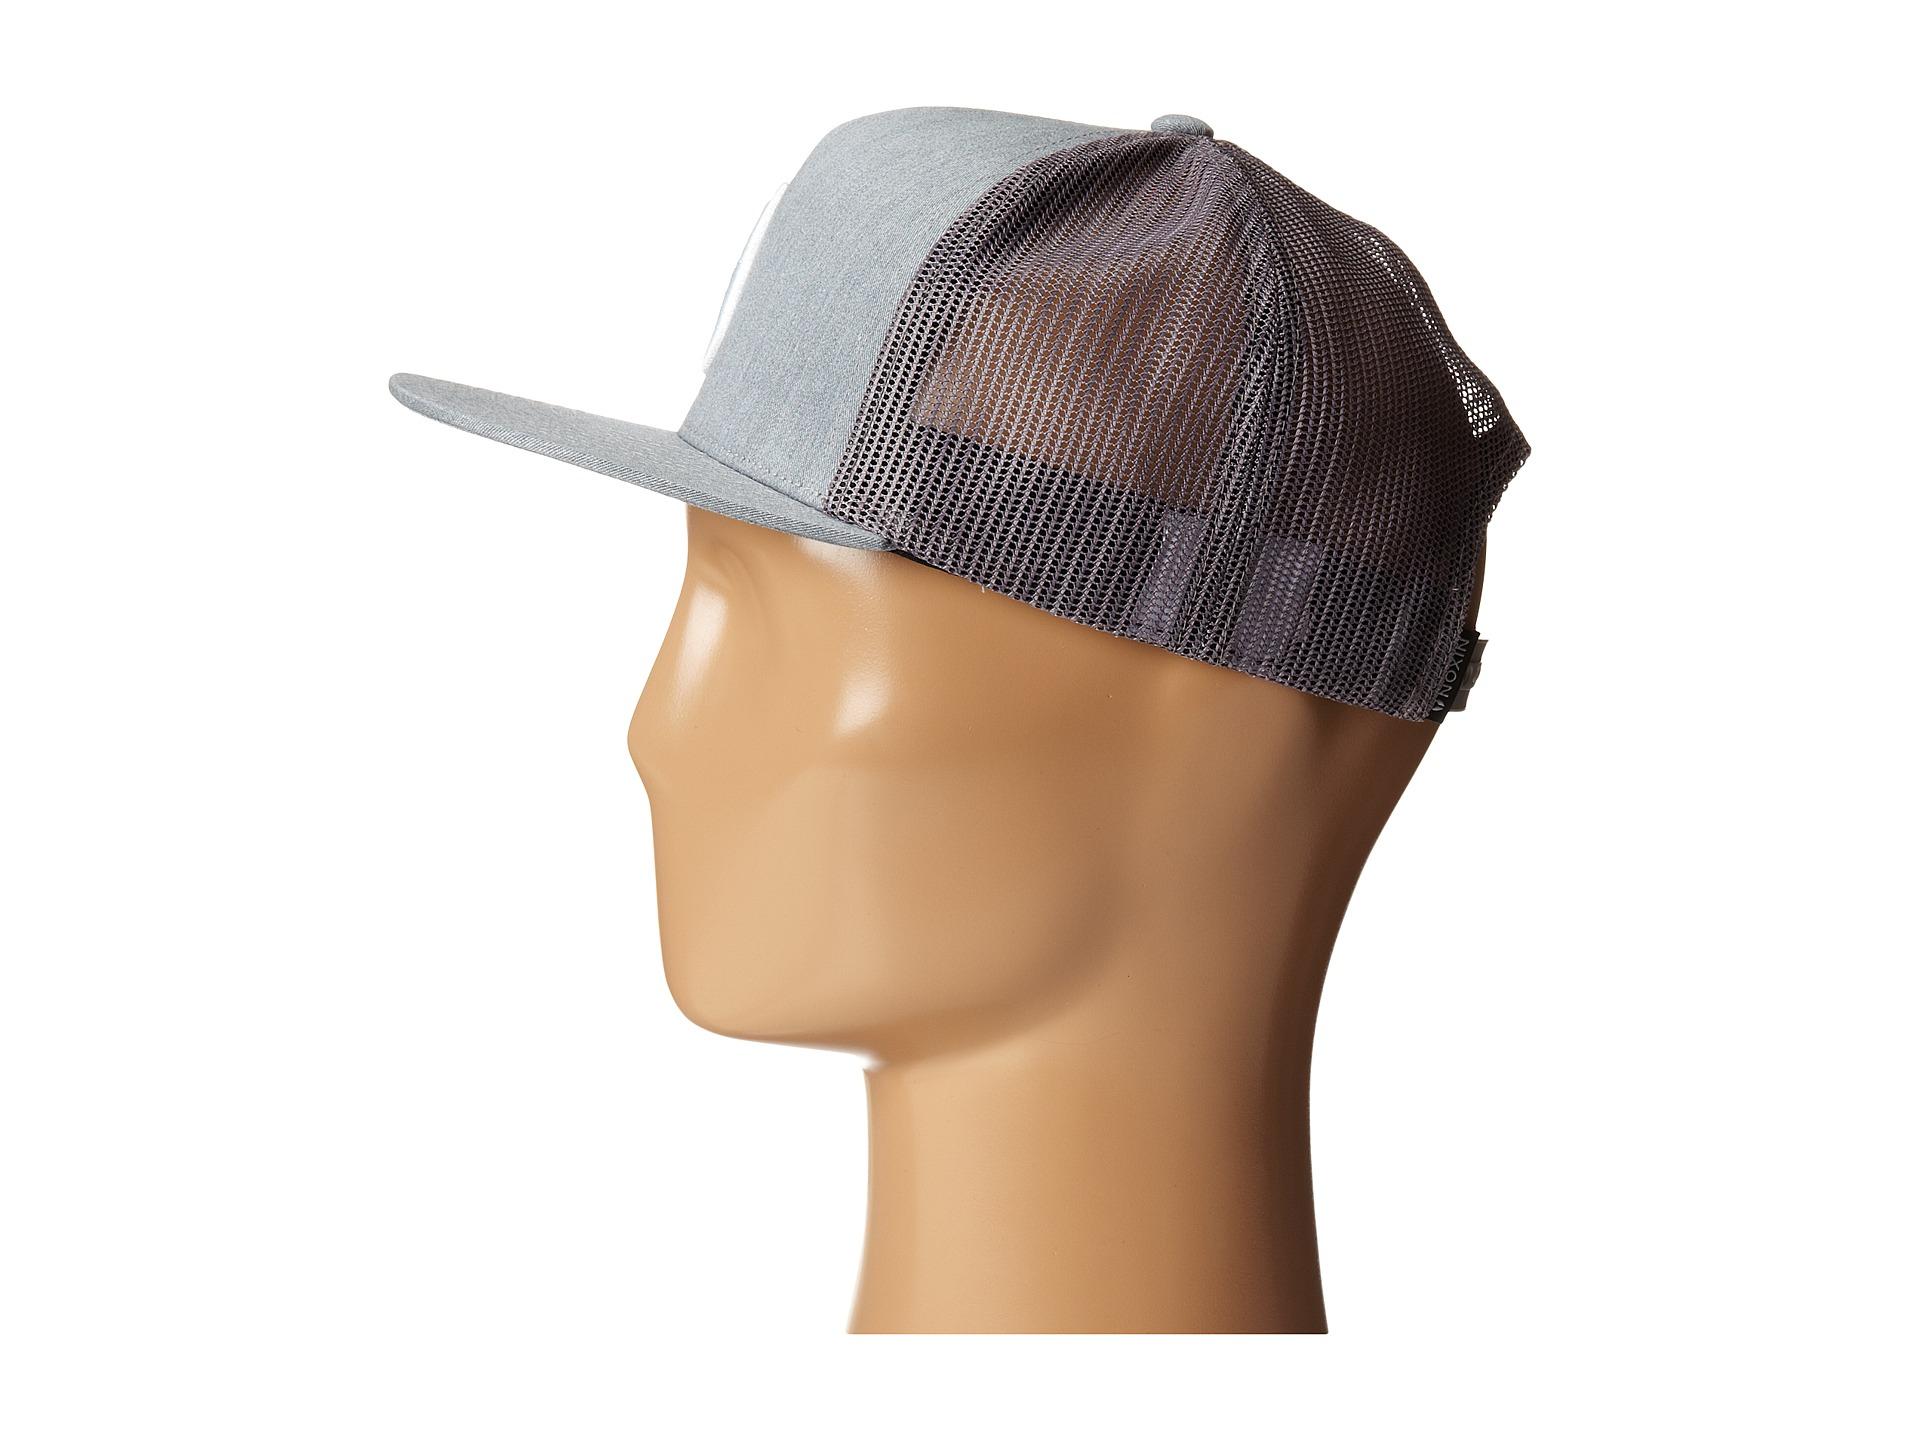 Lyst - Nixon Deep Down Trucker Hat in Gray 90b987f801c9